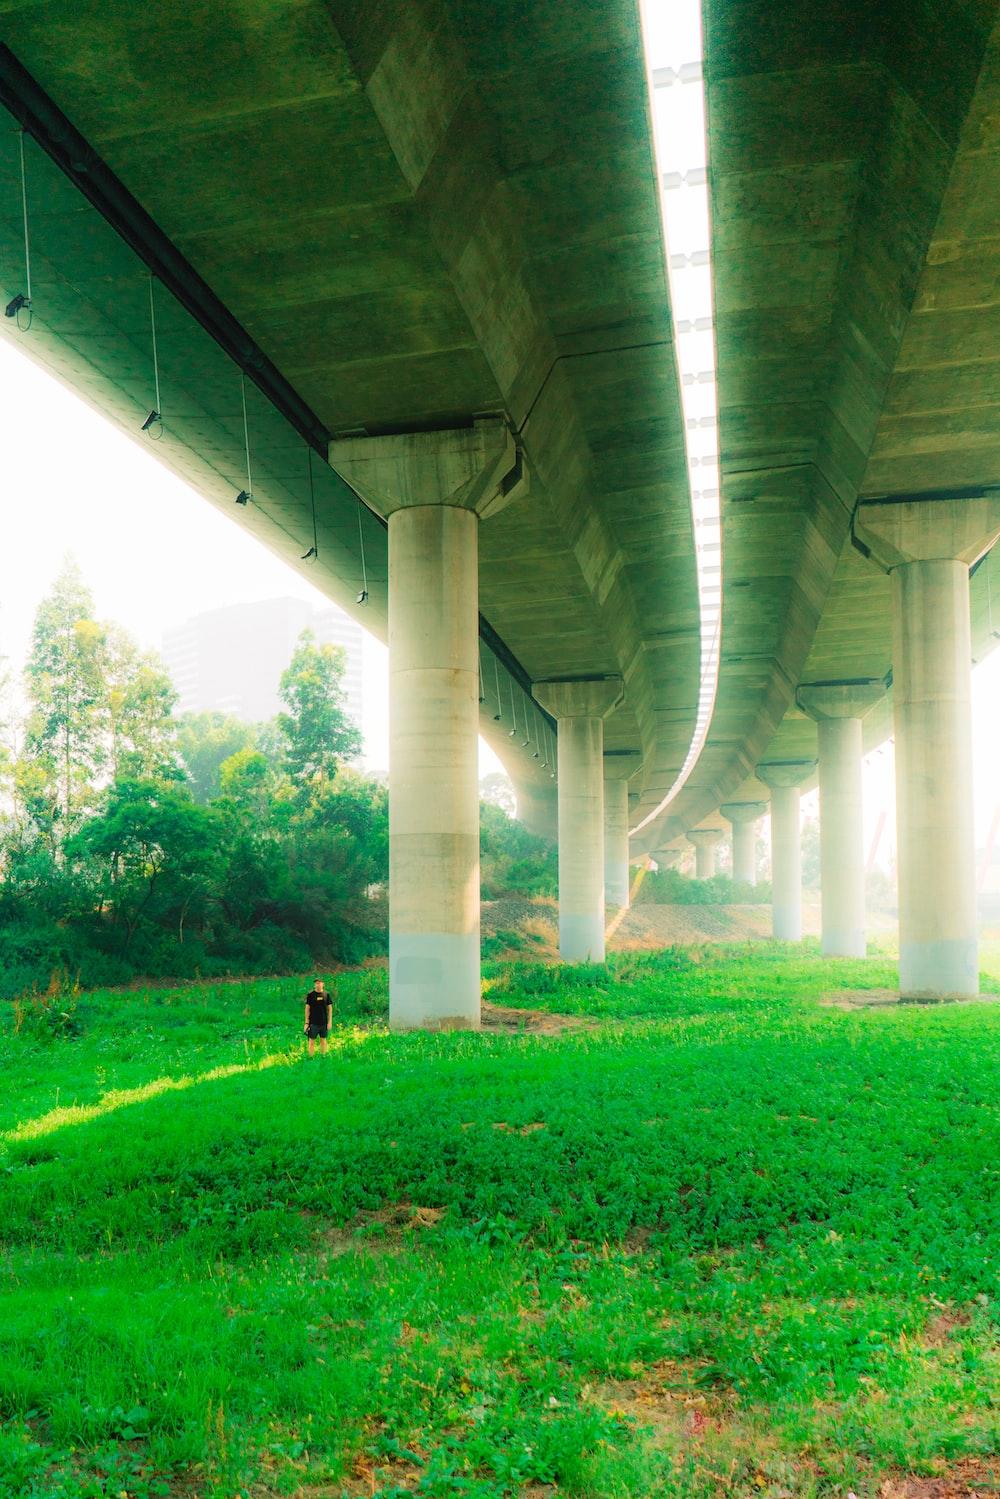 green grass under gray concrete bridge during daytime